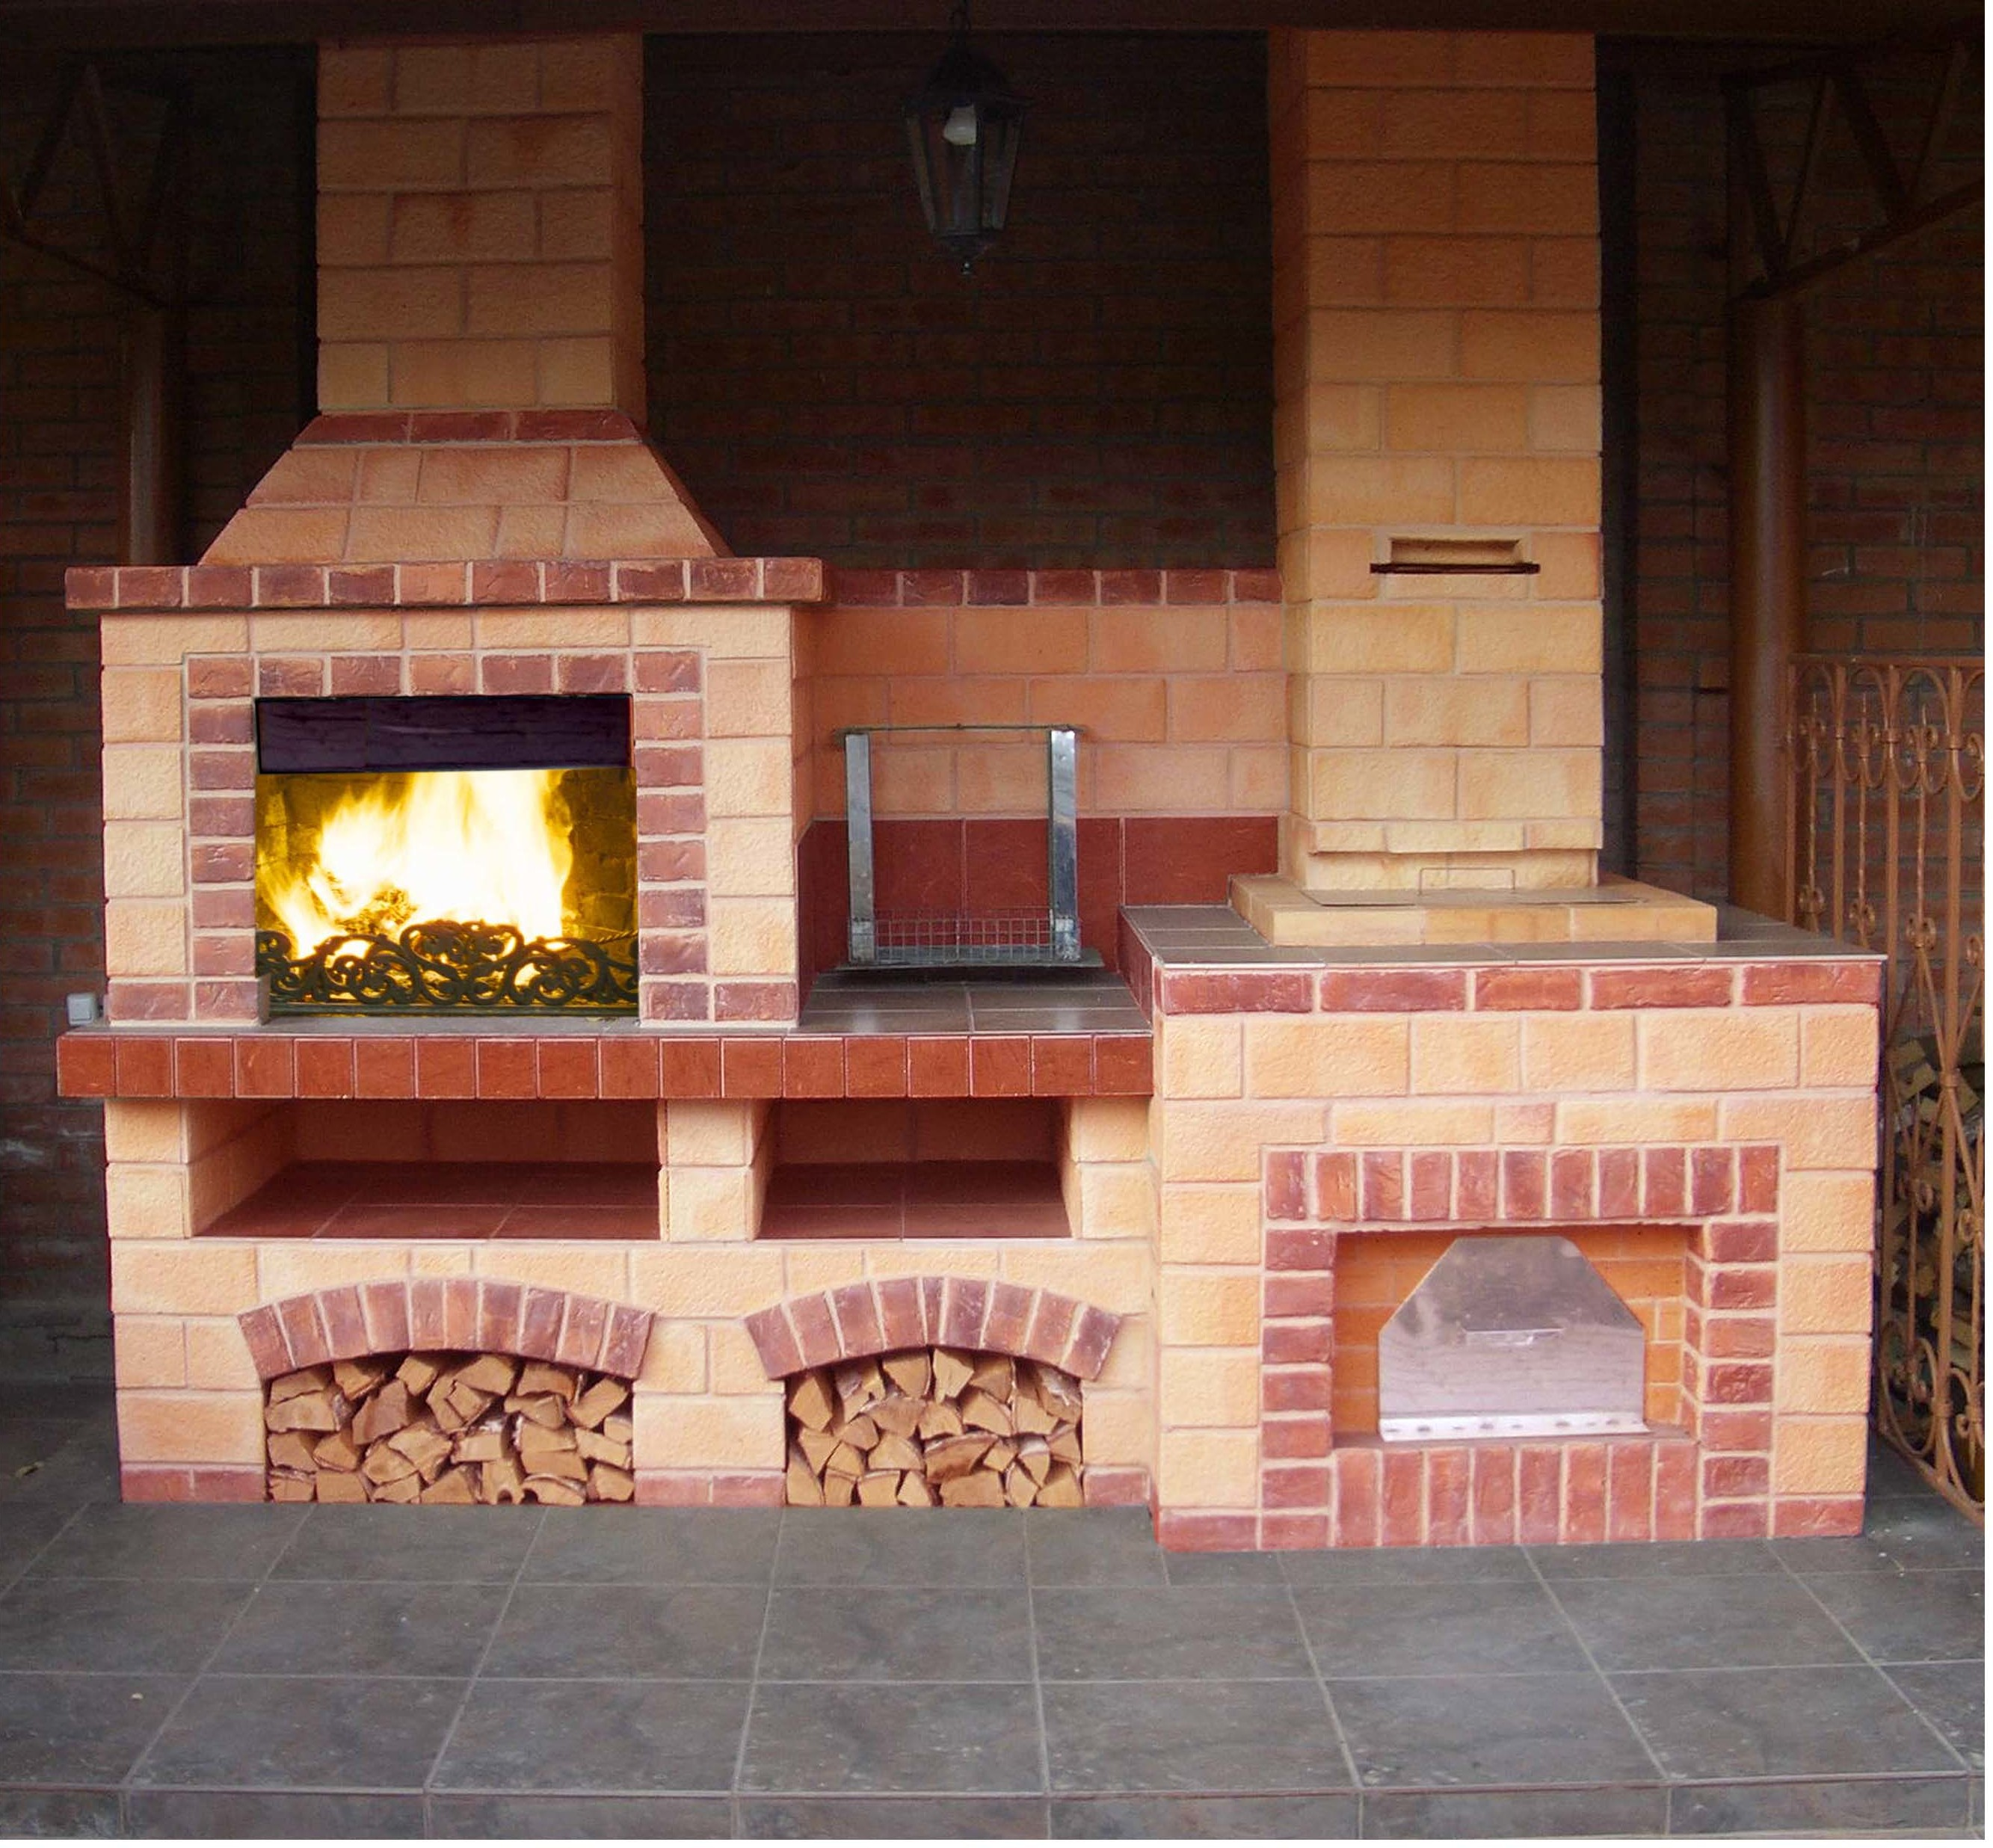 Печь-барбекю для летней кухни электрокамин очаг портал dimplex verona cfp3798wn